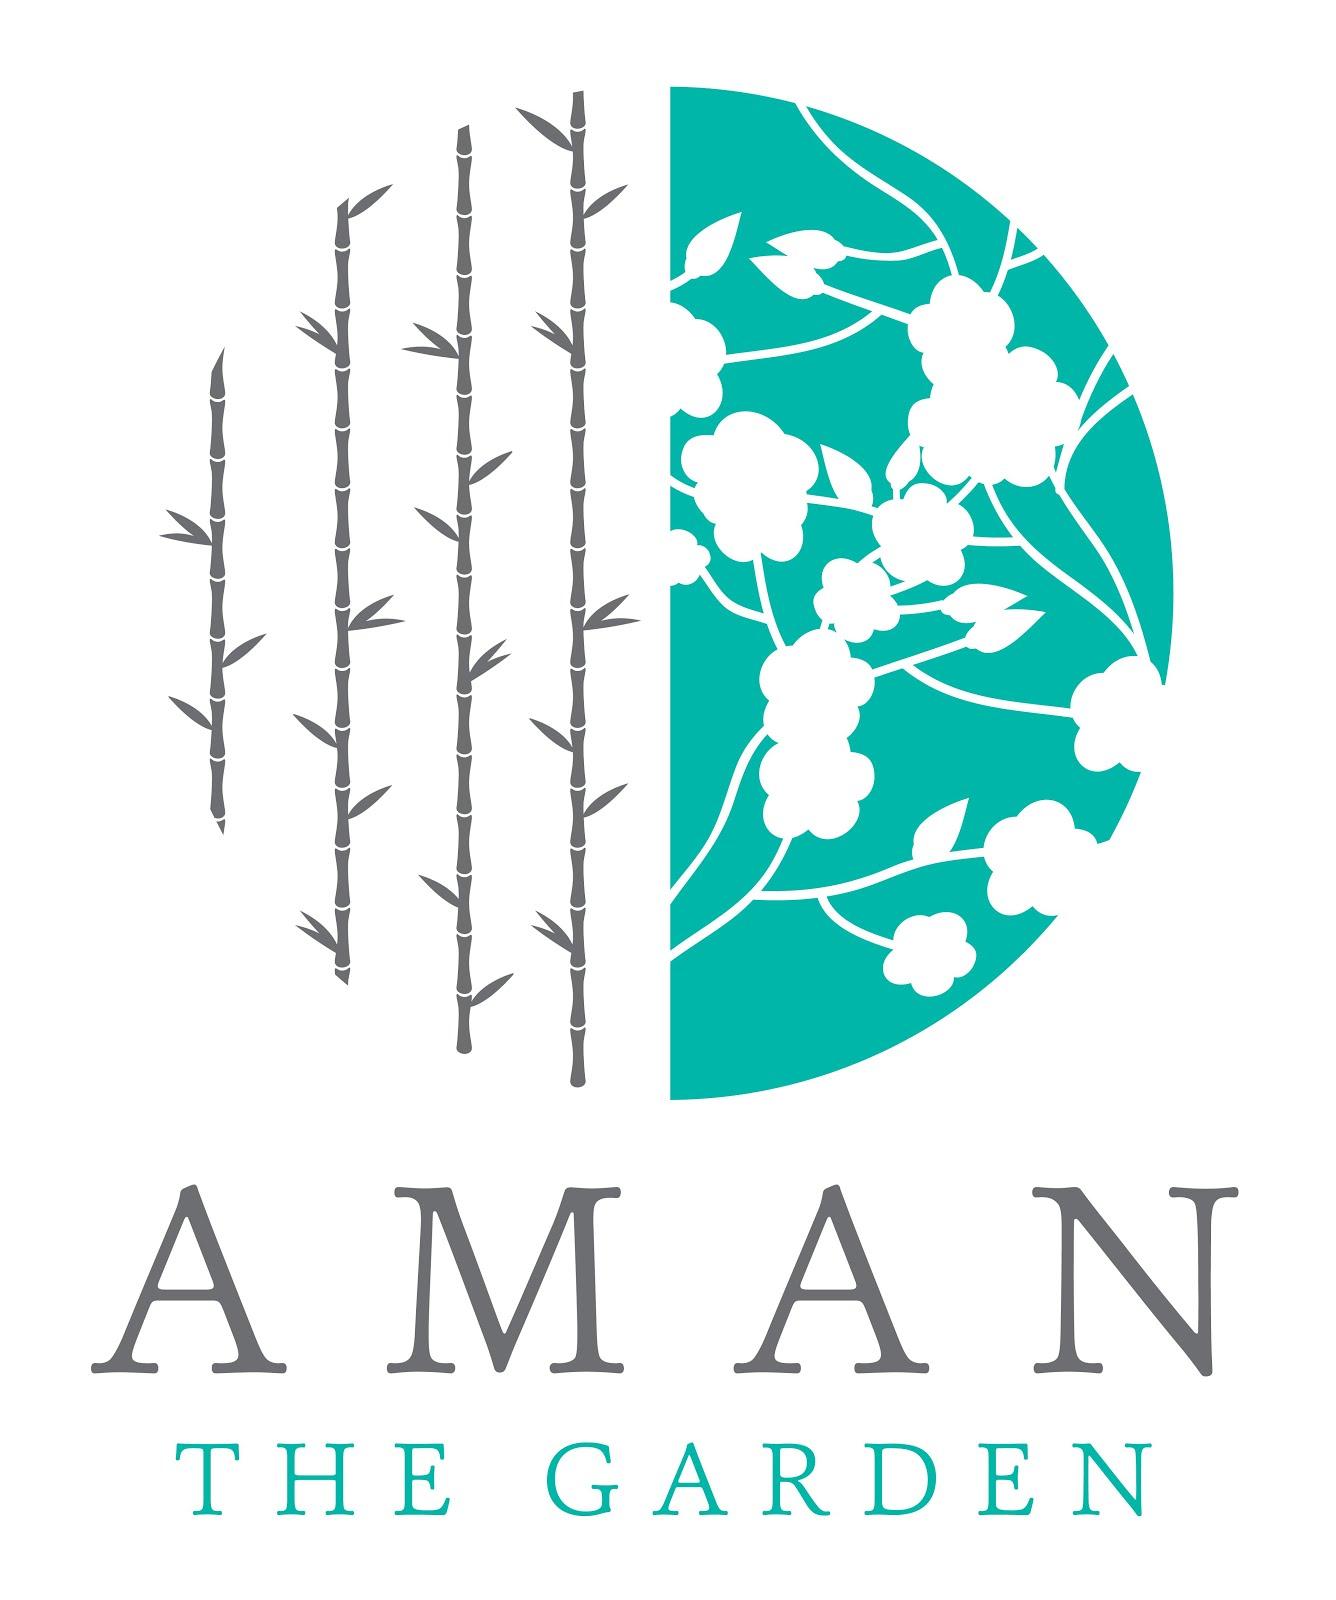 AMAN THE GARDEN